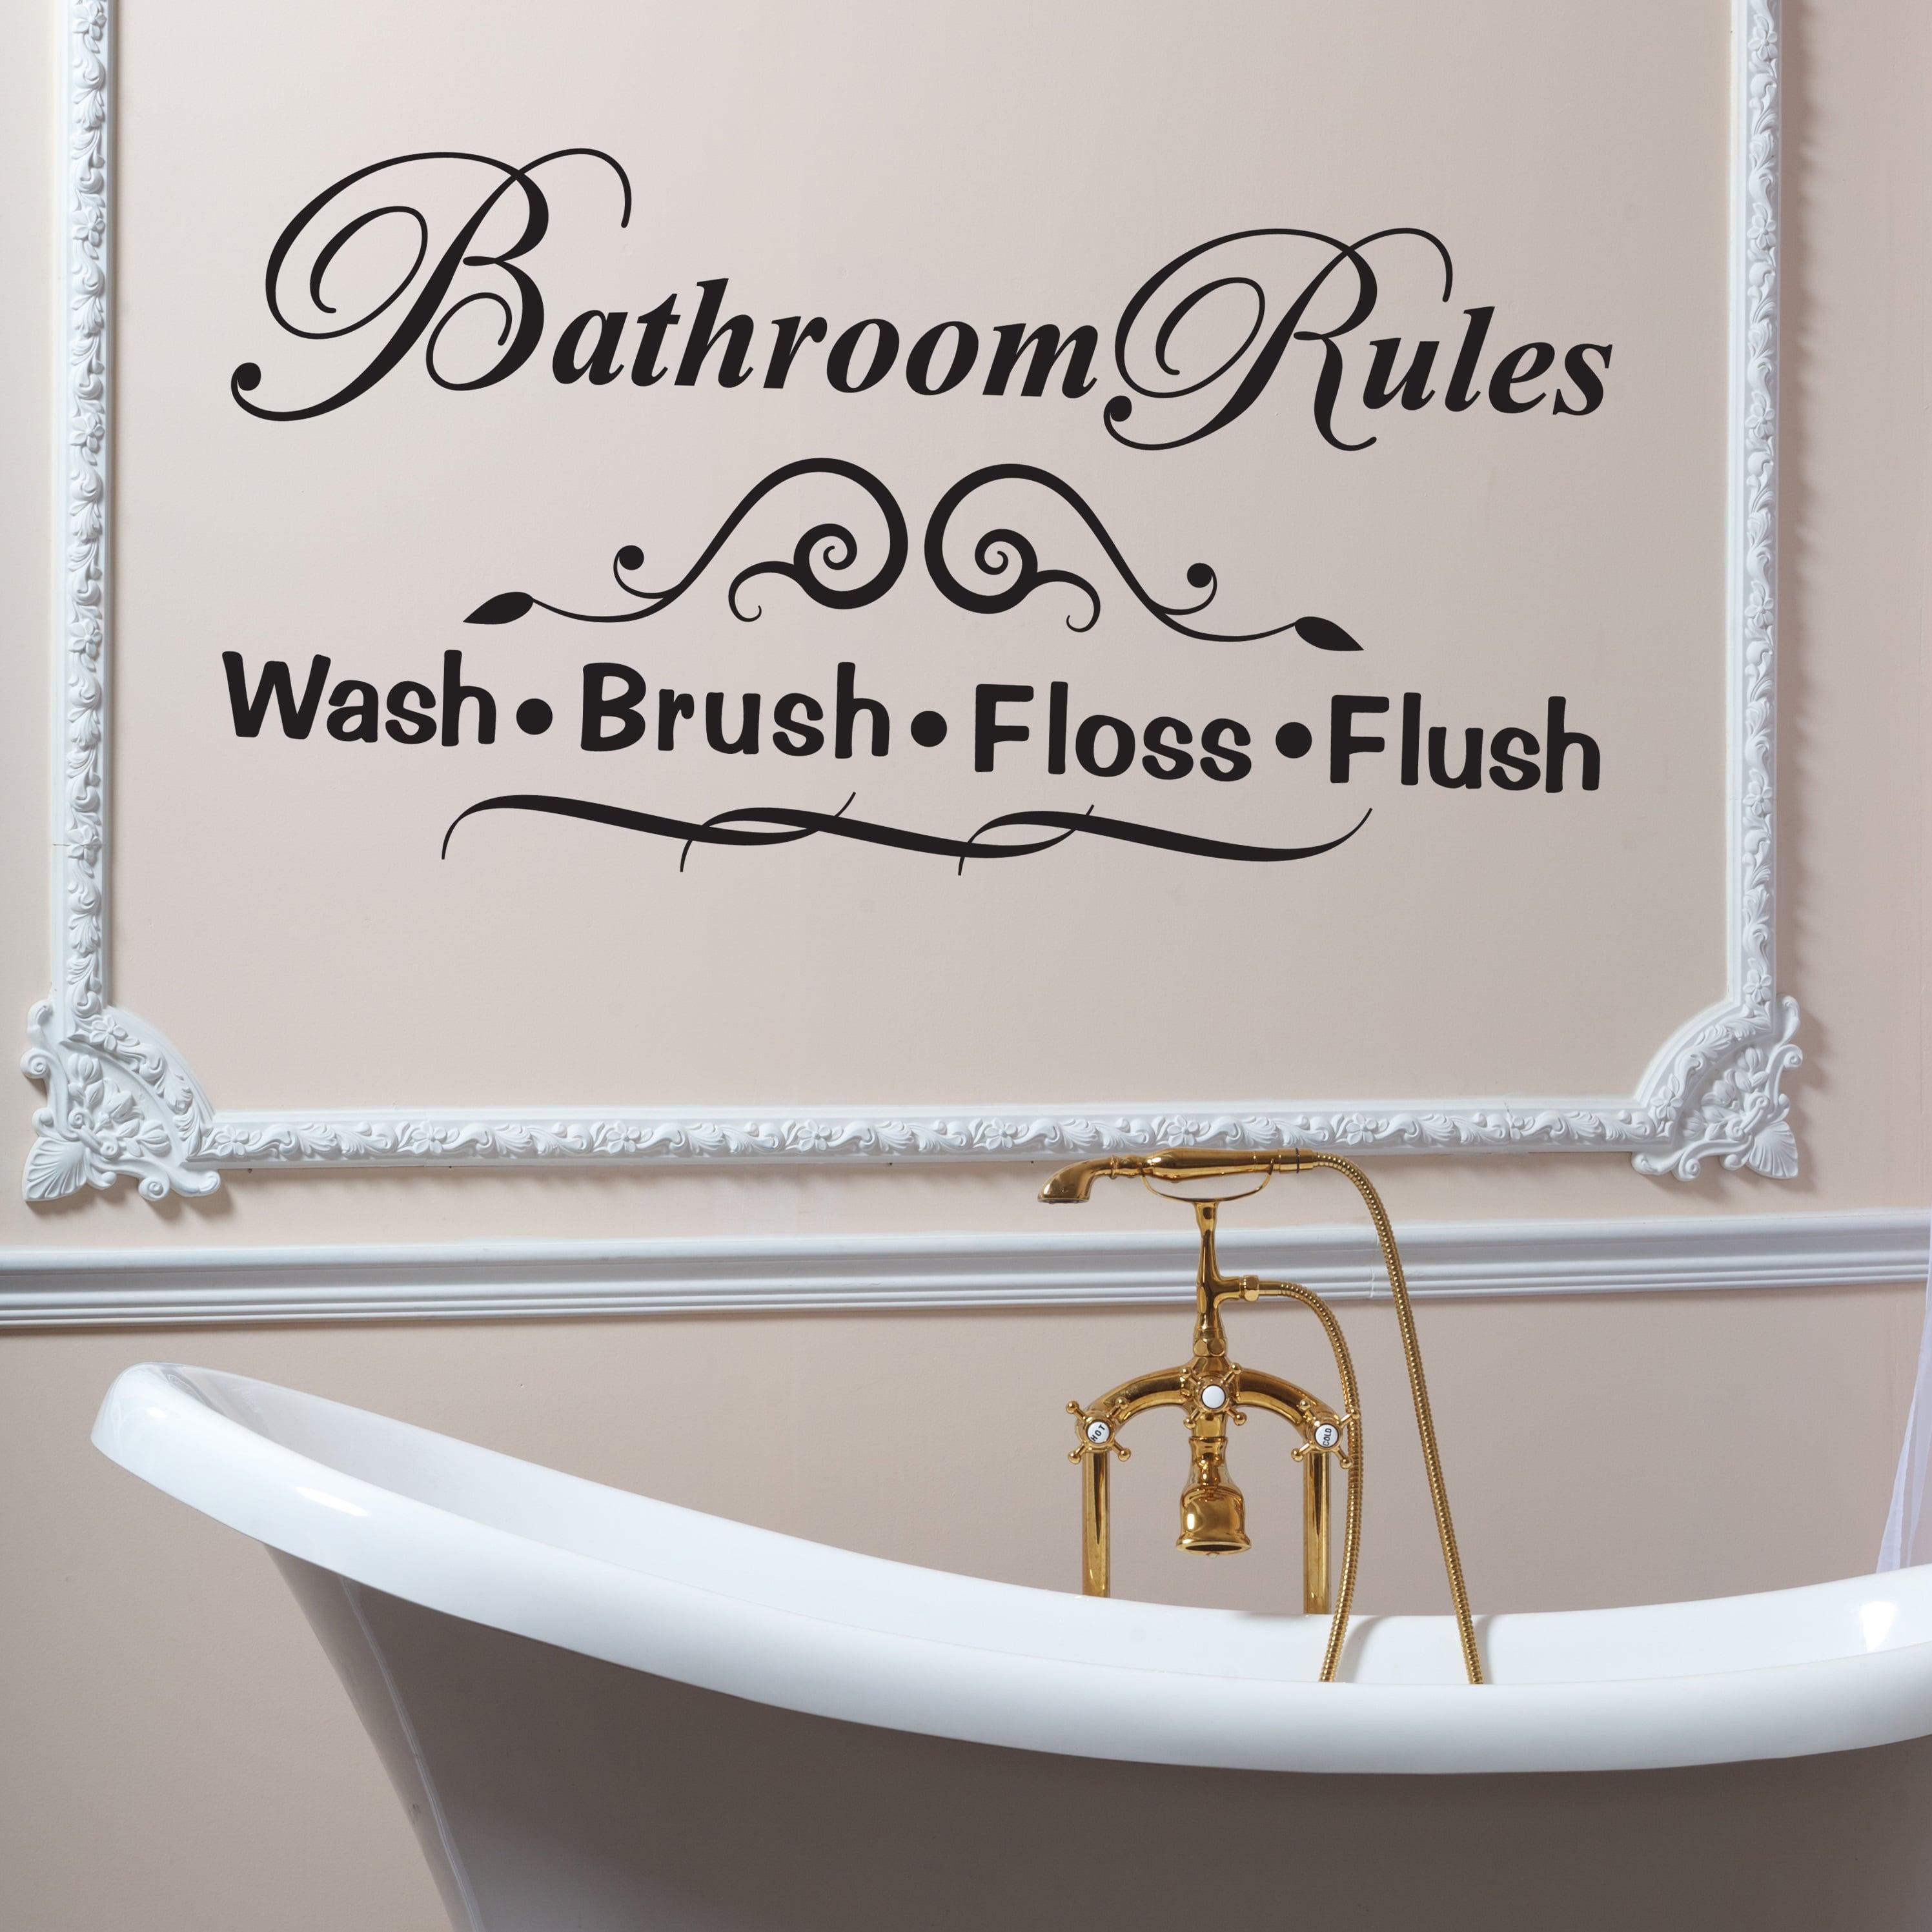 Wallsticker Bathroom Rules